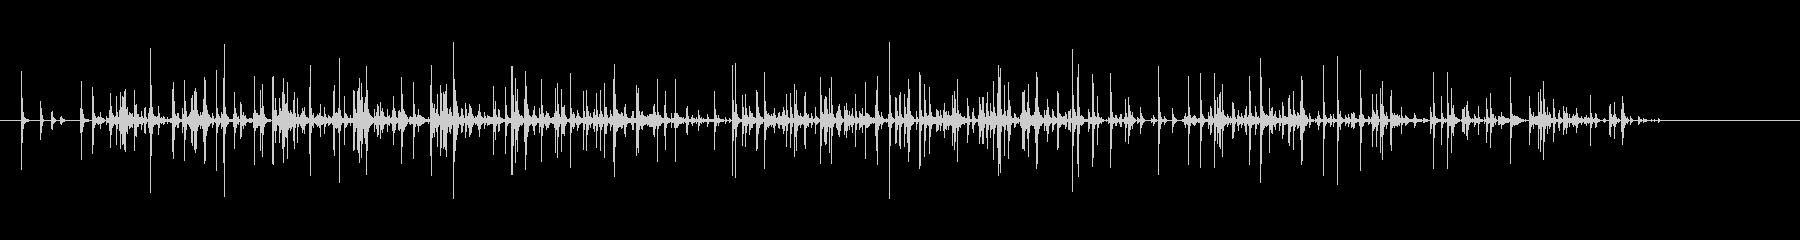 シェルデッキはスチールデッキ定数、...の未再生の波形